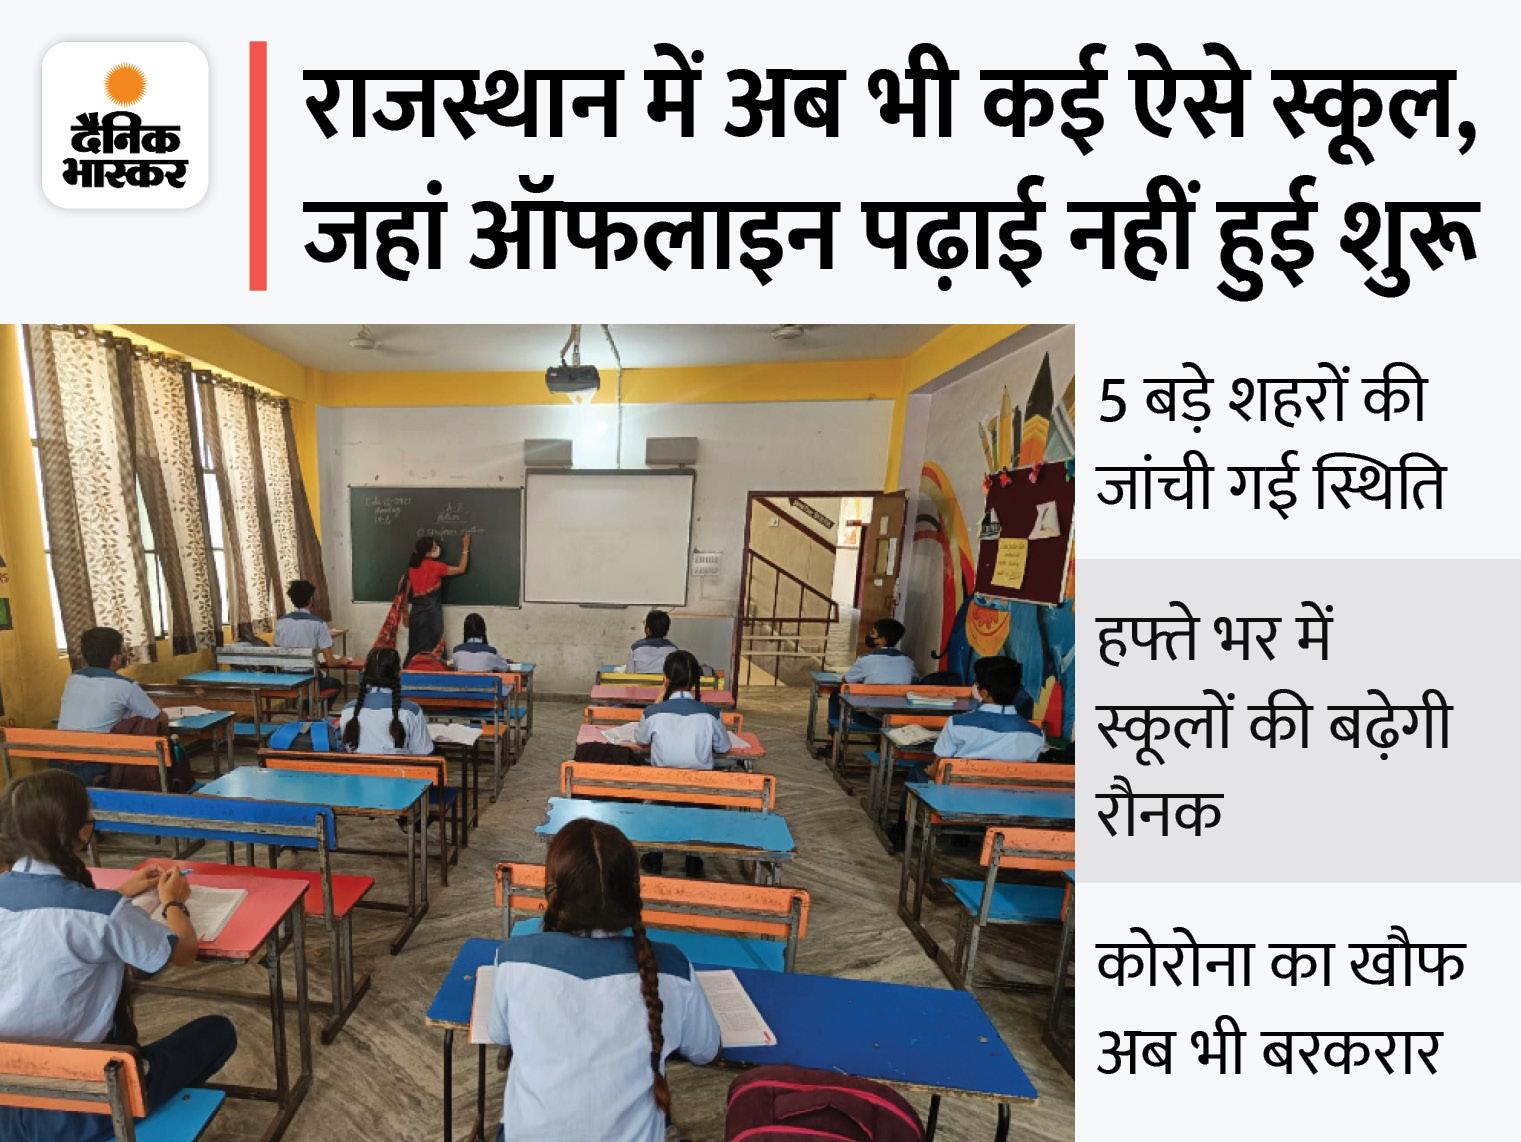 112 निजी, 30 सरकारी स्कूलों तक पहुंचा भास्कर, पहले दिन जयपुर में 15% स्टूडेंट पहुंचे; पेरेंट्स बोले- बच्चों की वैक्सीन आने पर भेजेंगे जयपुर,Jaipur - Dainik Bhaskar